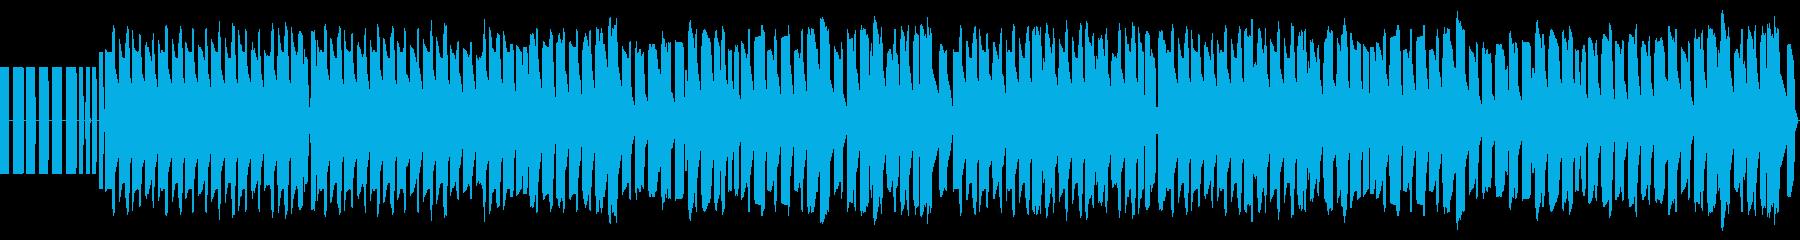 FC風音源による「ジングルベル」ですの再生済みの波形